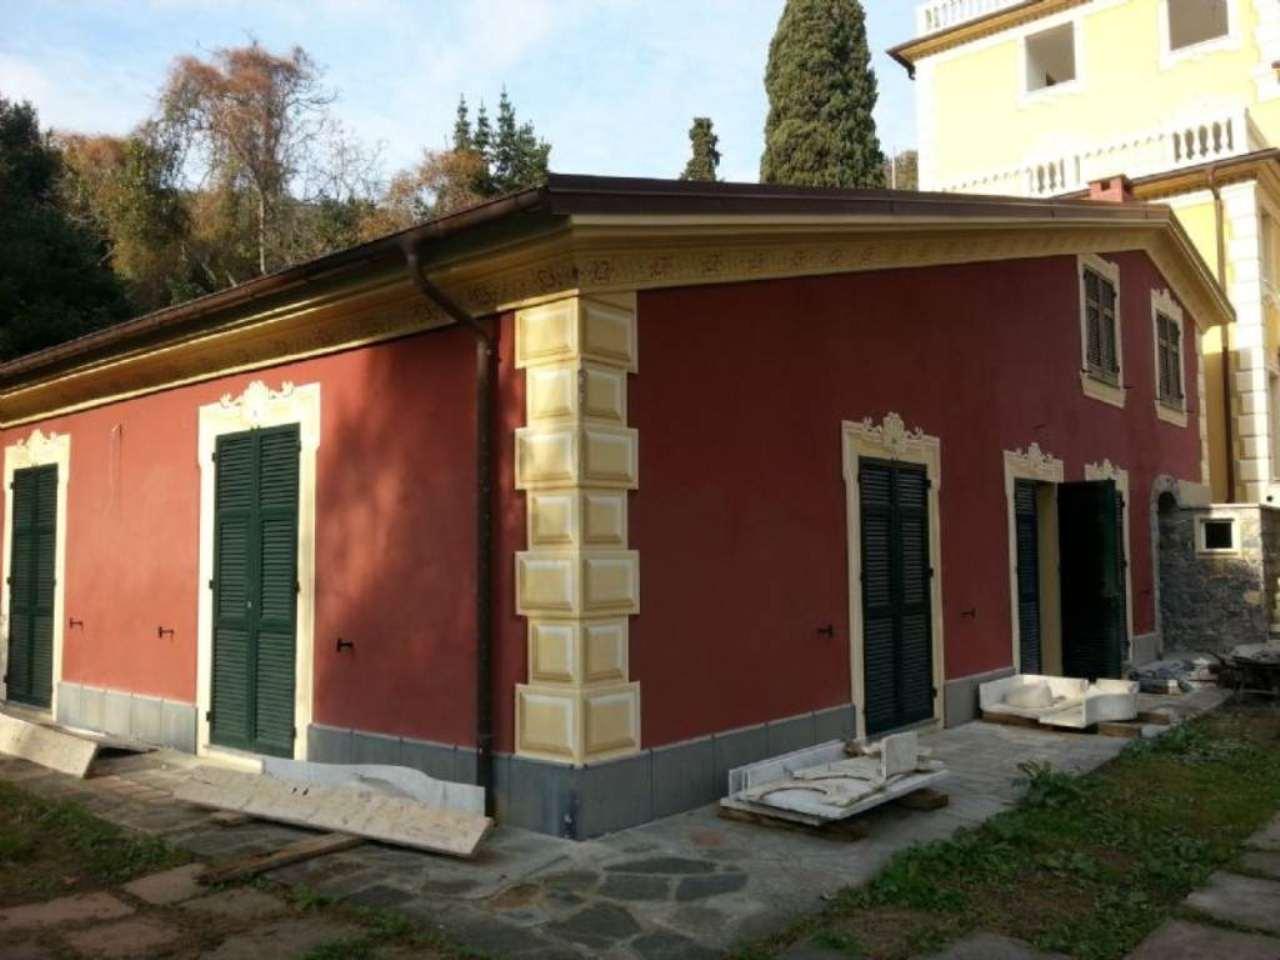 Villa in vendita a Santa Margherita Ligure, 8 locali, prezzo € 2.325.000 | CambioCasa.it